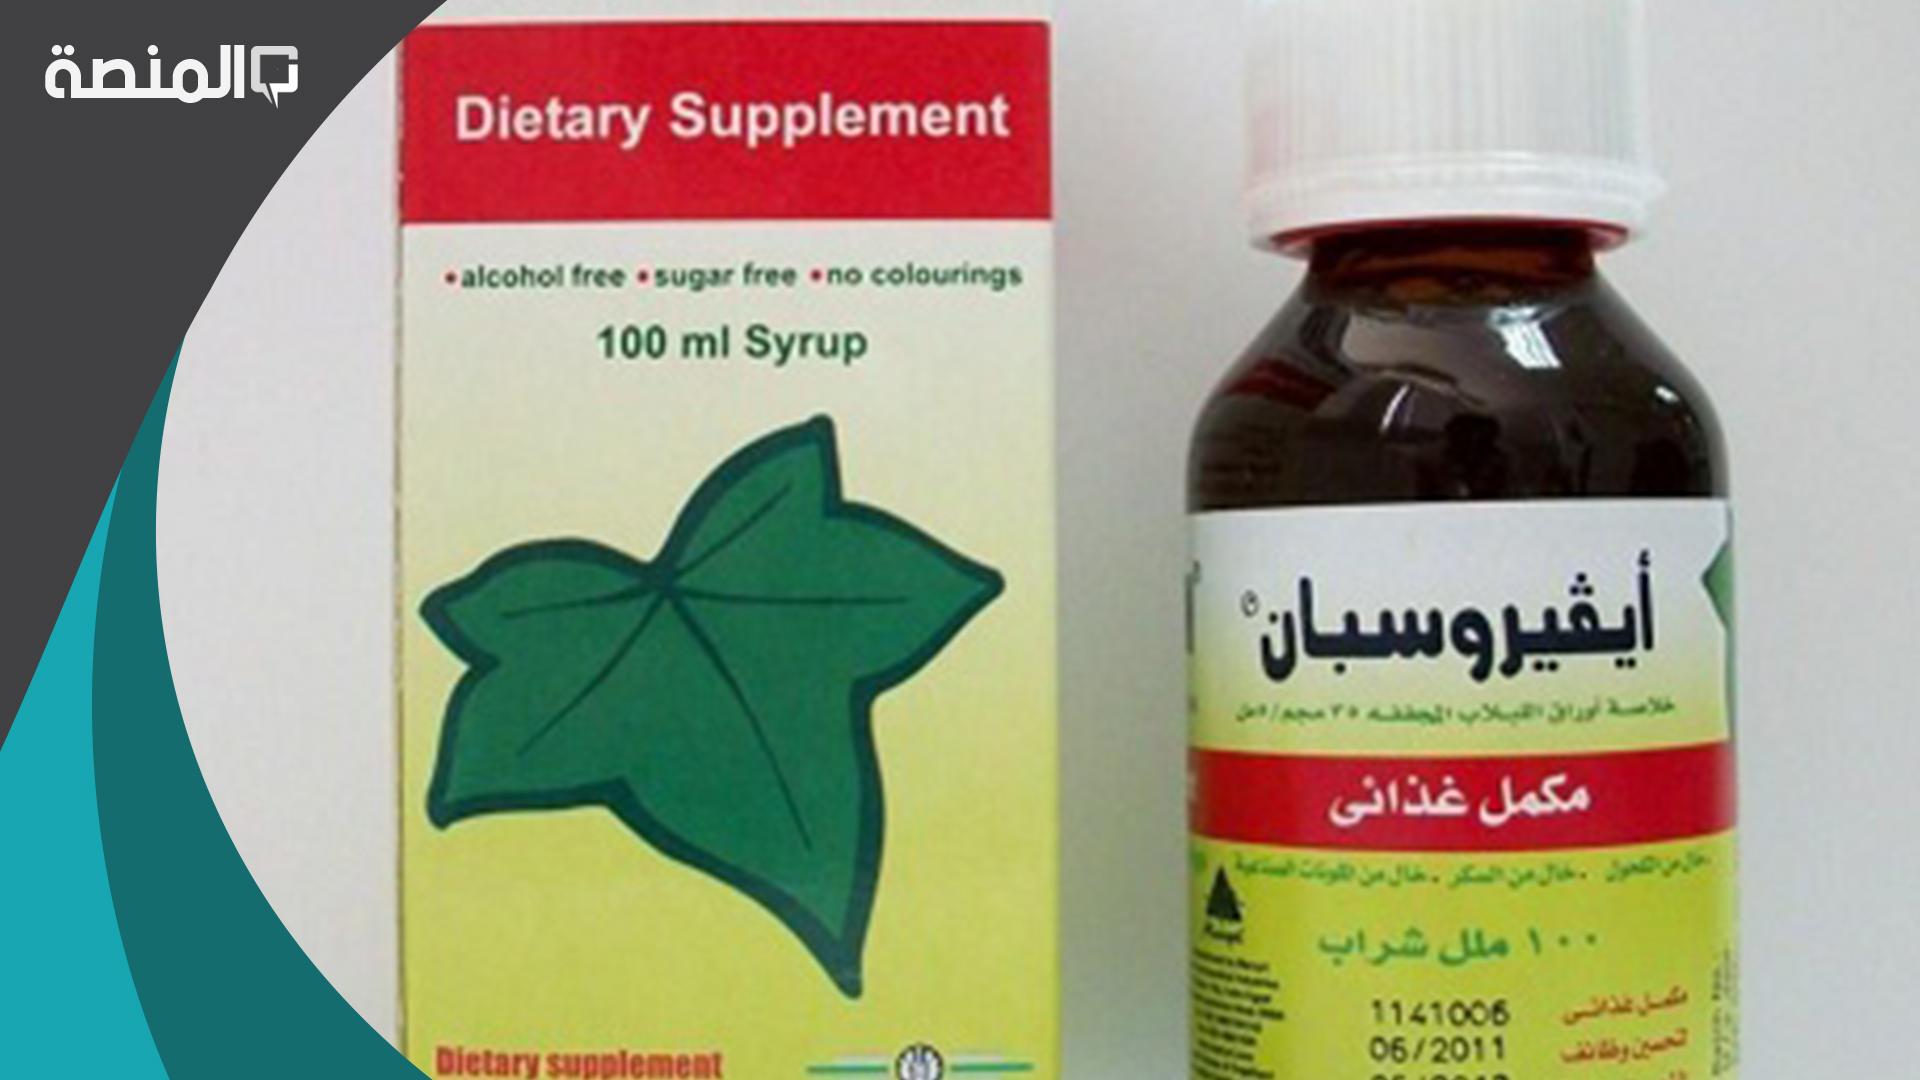 نشرة دواء ايفيروسبان Ivyrospan Syrup مكمل غذائي وعلاج الكحة المنصة